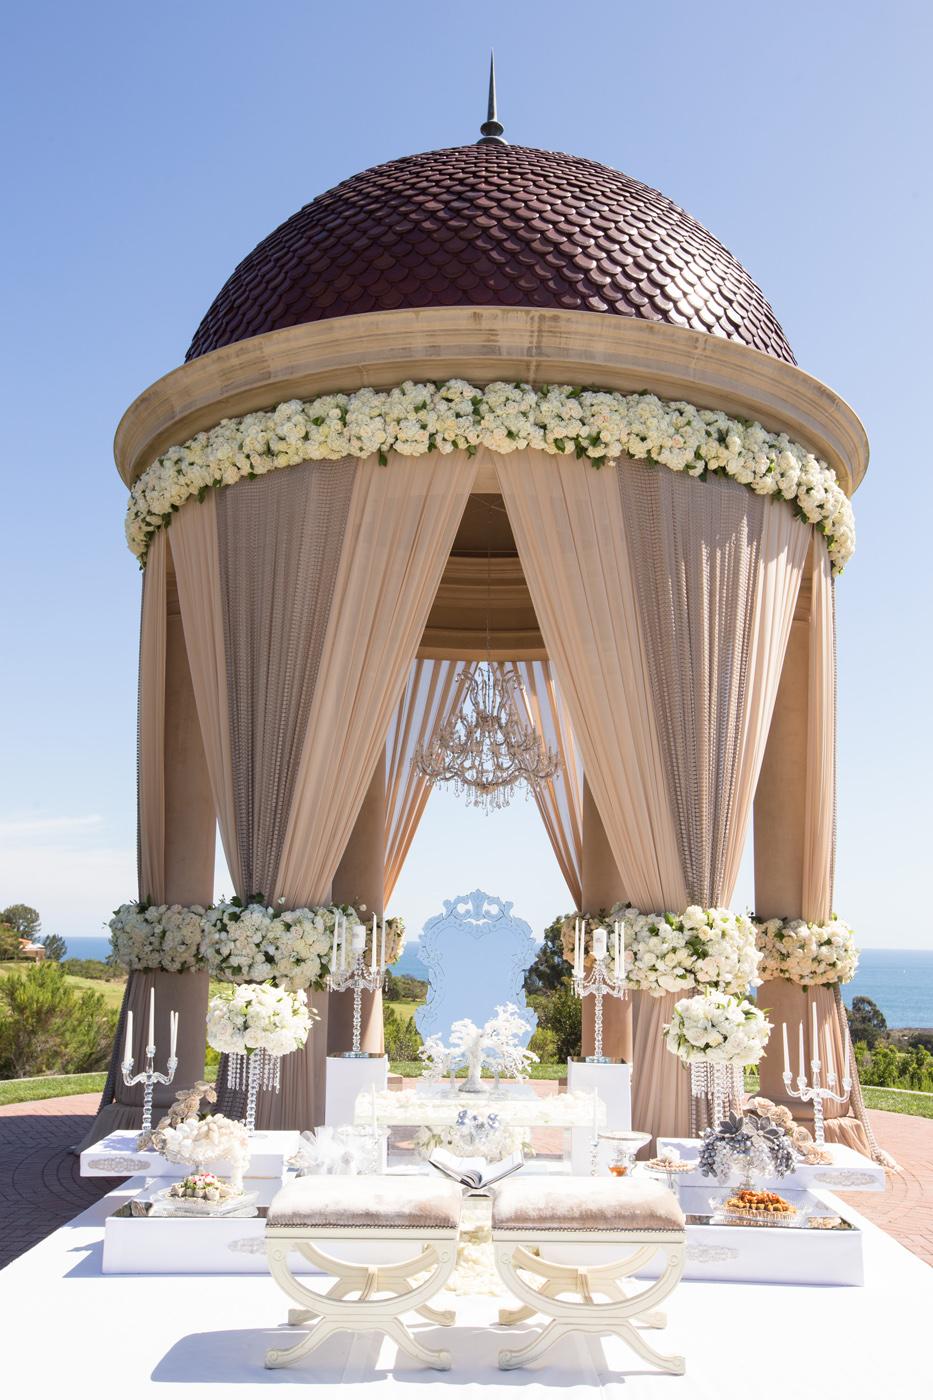 014_DukePhotography_DukeImages_Wedding_Details.jpg